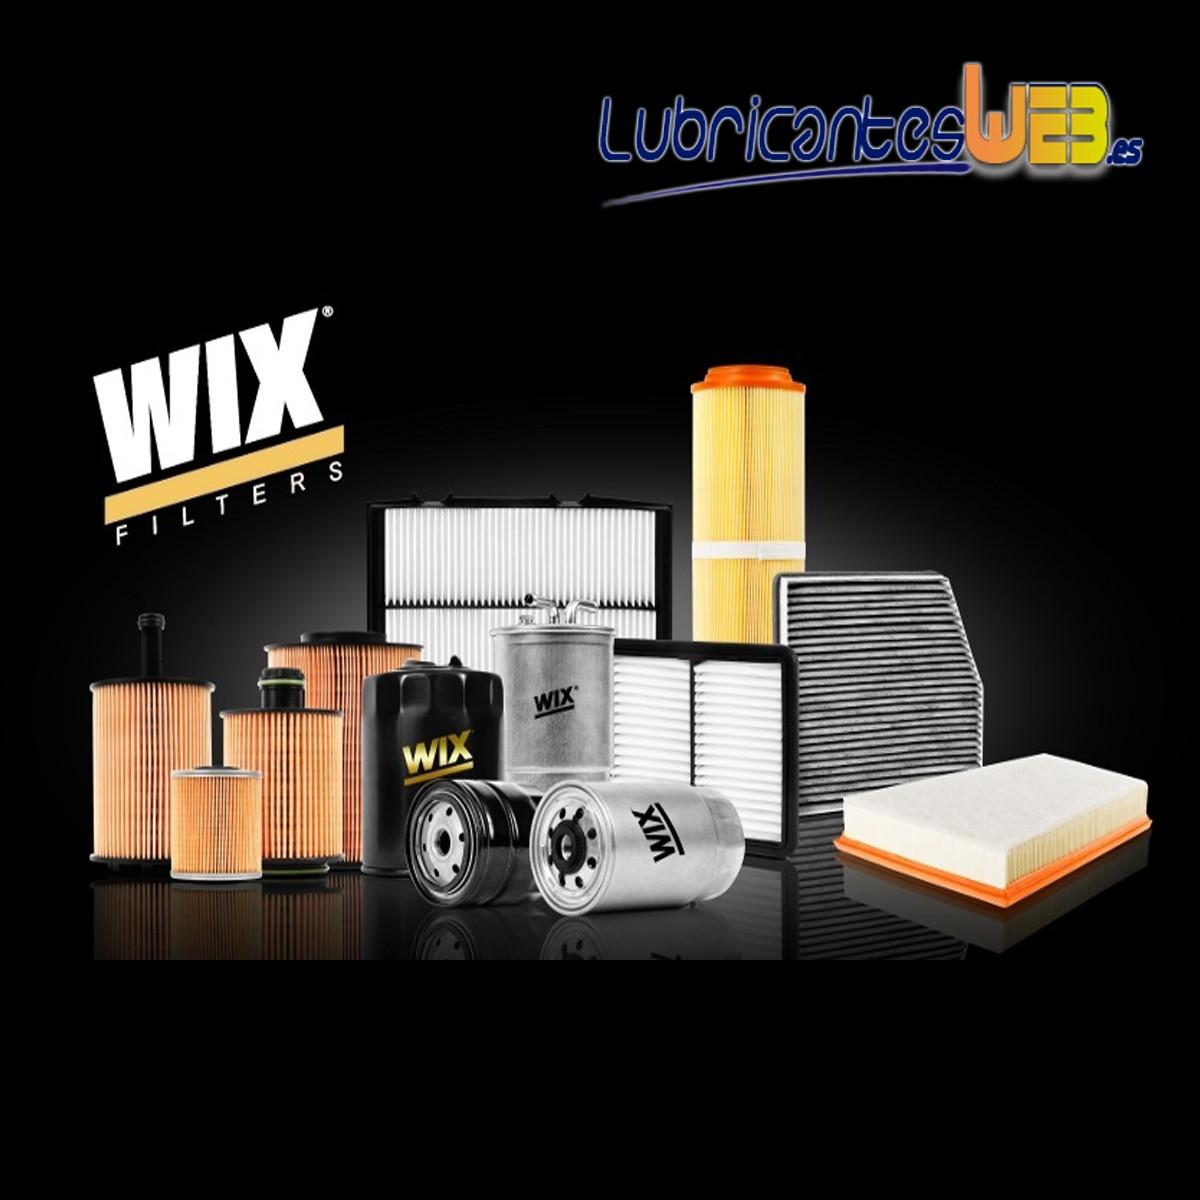 FILTRO WIX DE COMBUSTIBLE WF8068